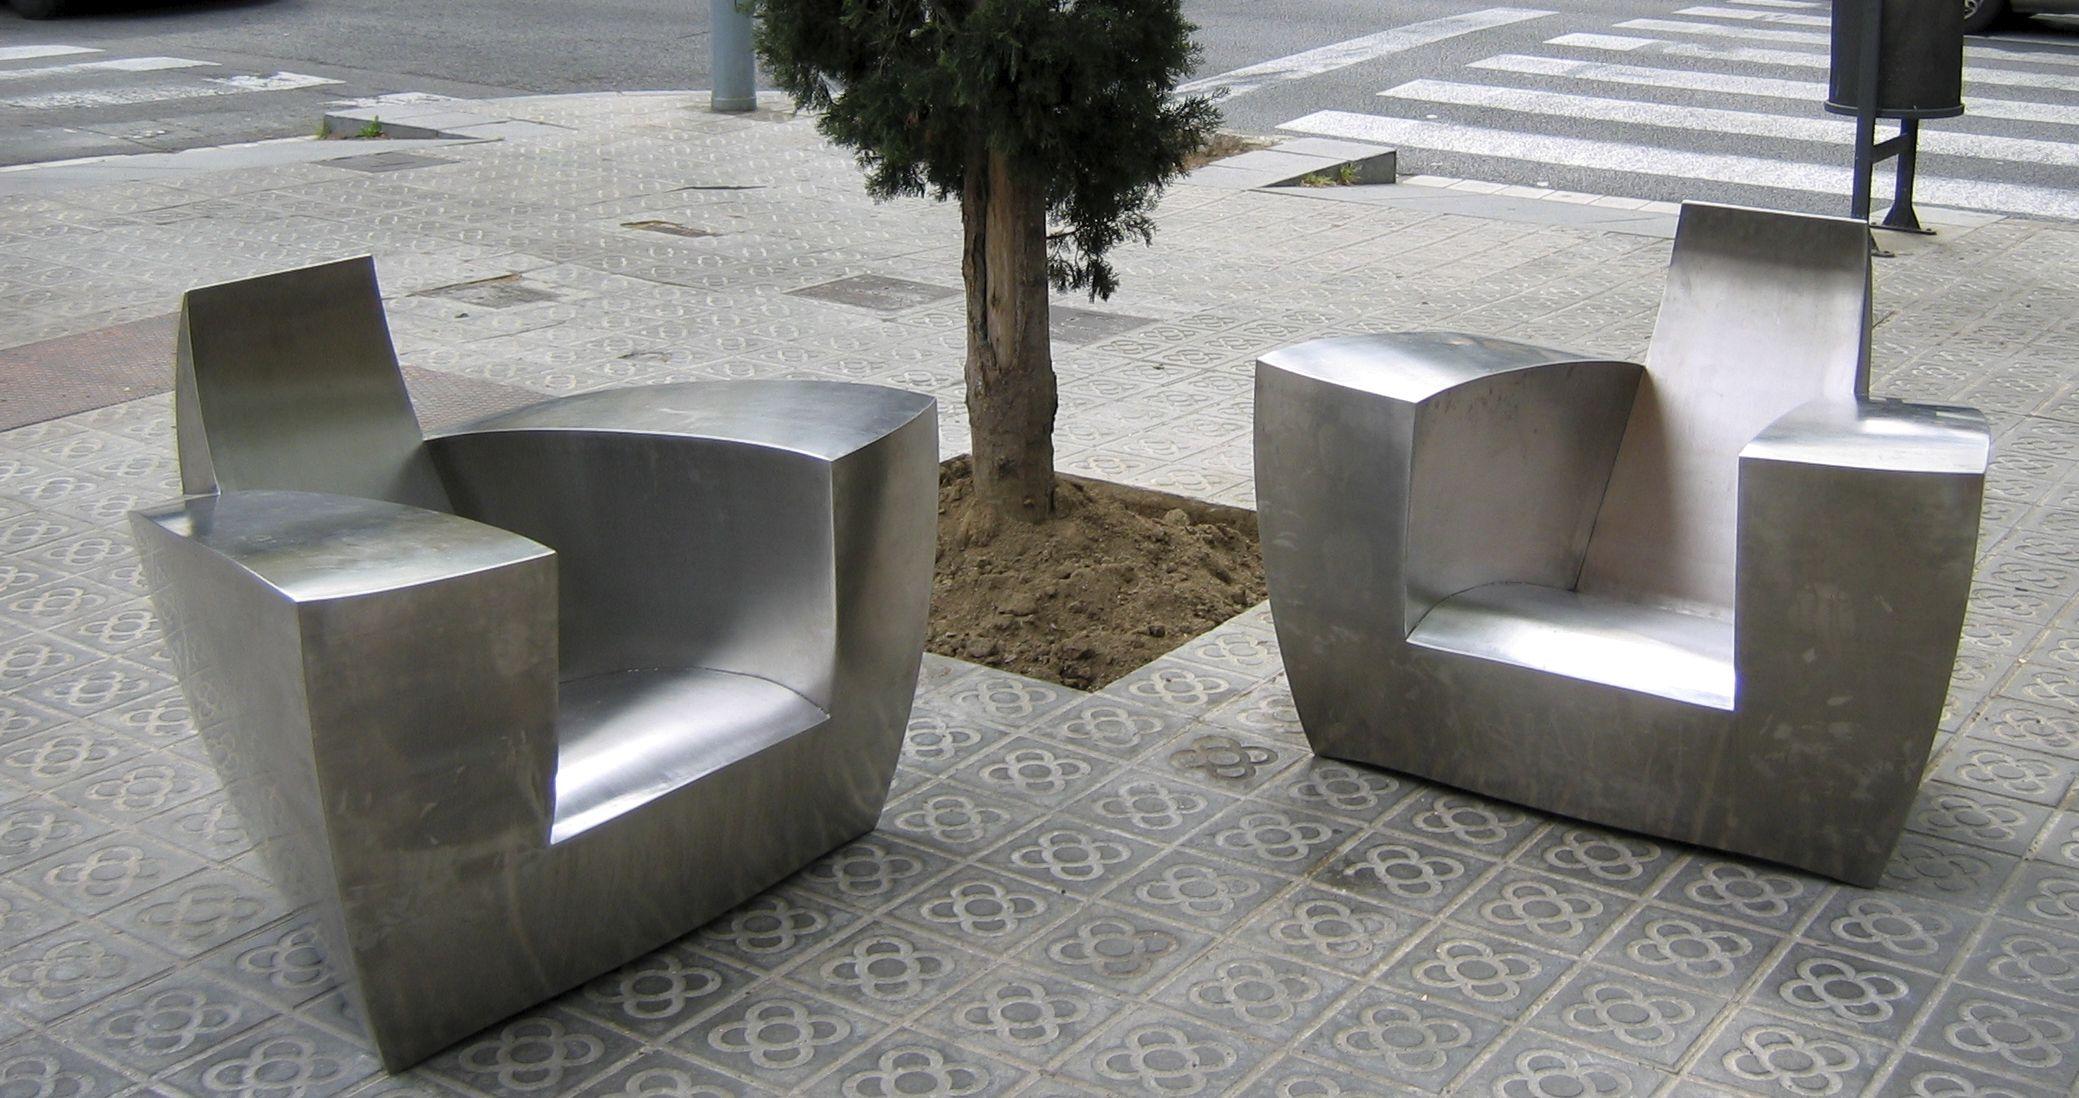 Fauteuil design original / en acier inoxydable / club / de jardin ...